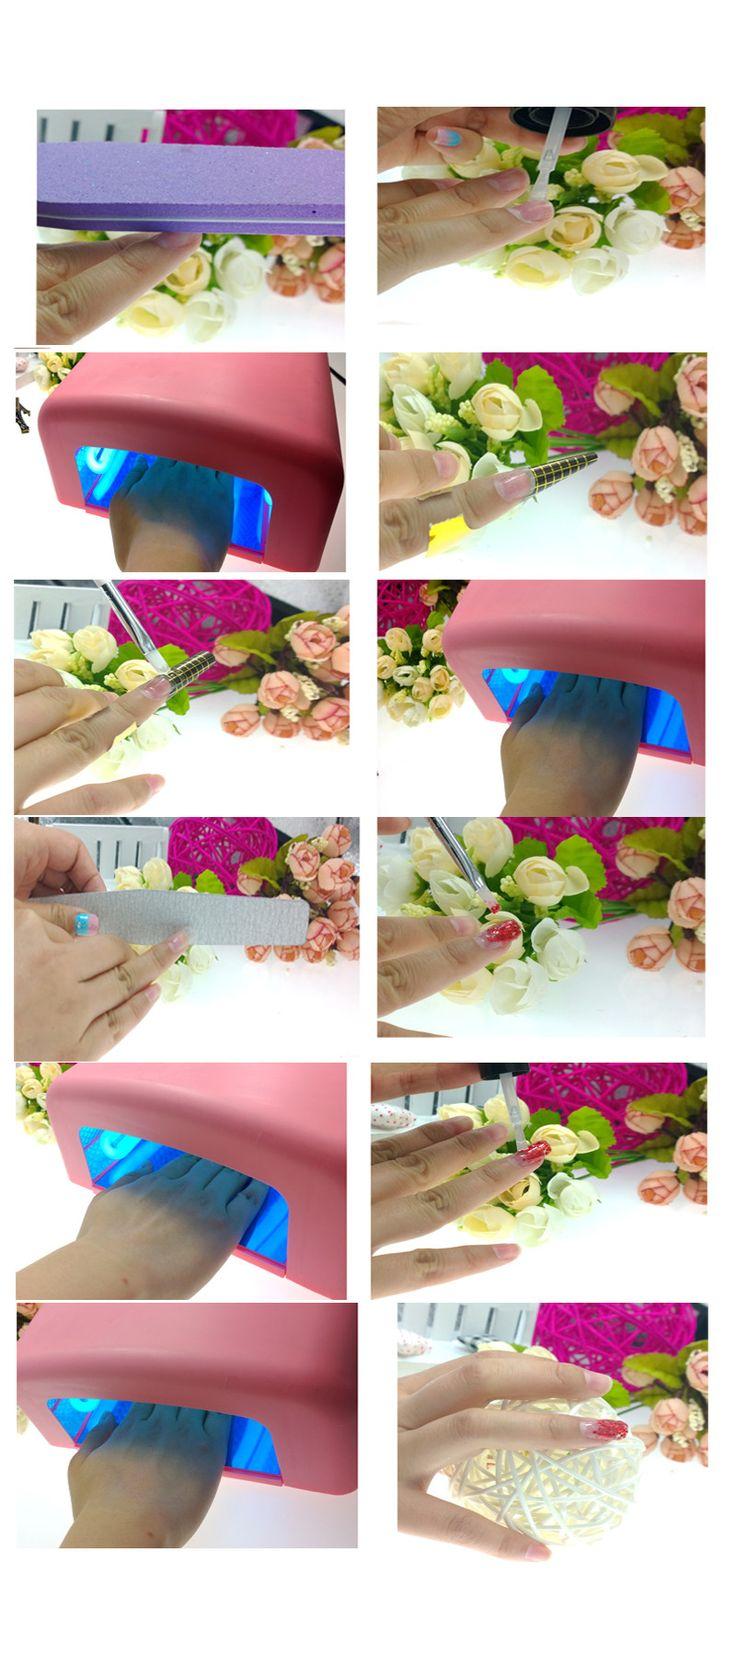 100 шт. ногти уф гель расширения стикер ногтей профессиональные акриловые ногтей формы акриловый советы уф гель расширения лак для ногтей скручиваемость купить на AliExpress